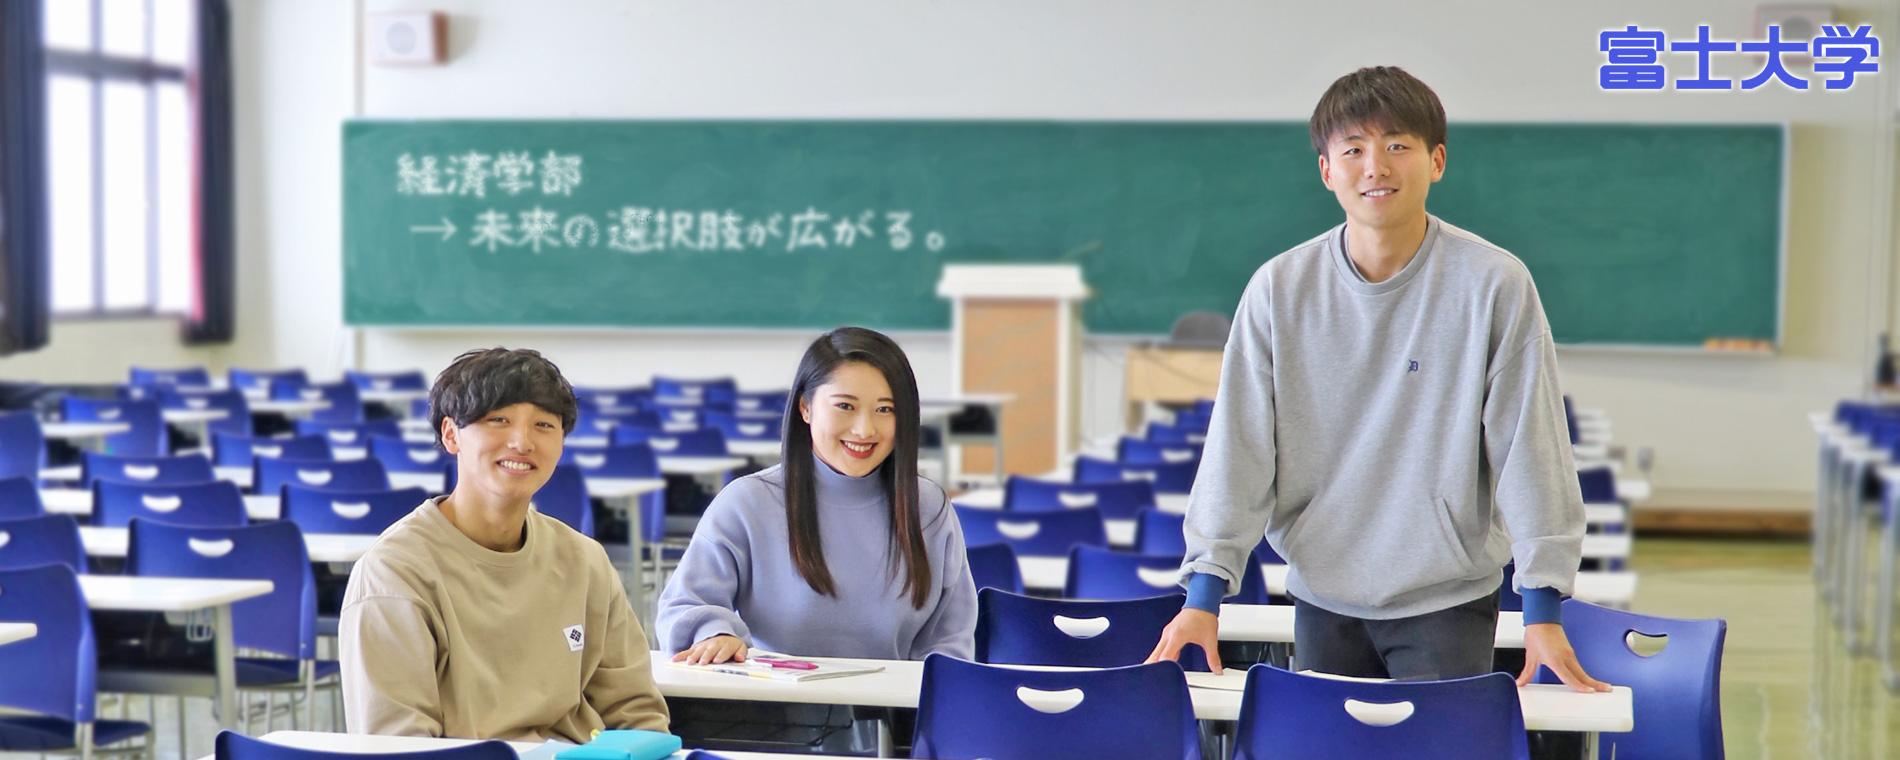 富士大学 経済学部は未来の選択肢が広がる。